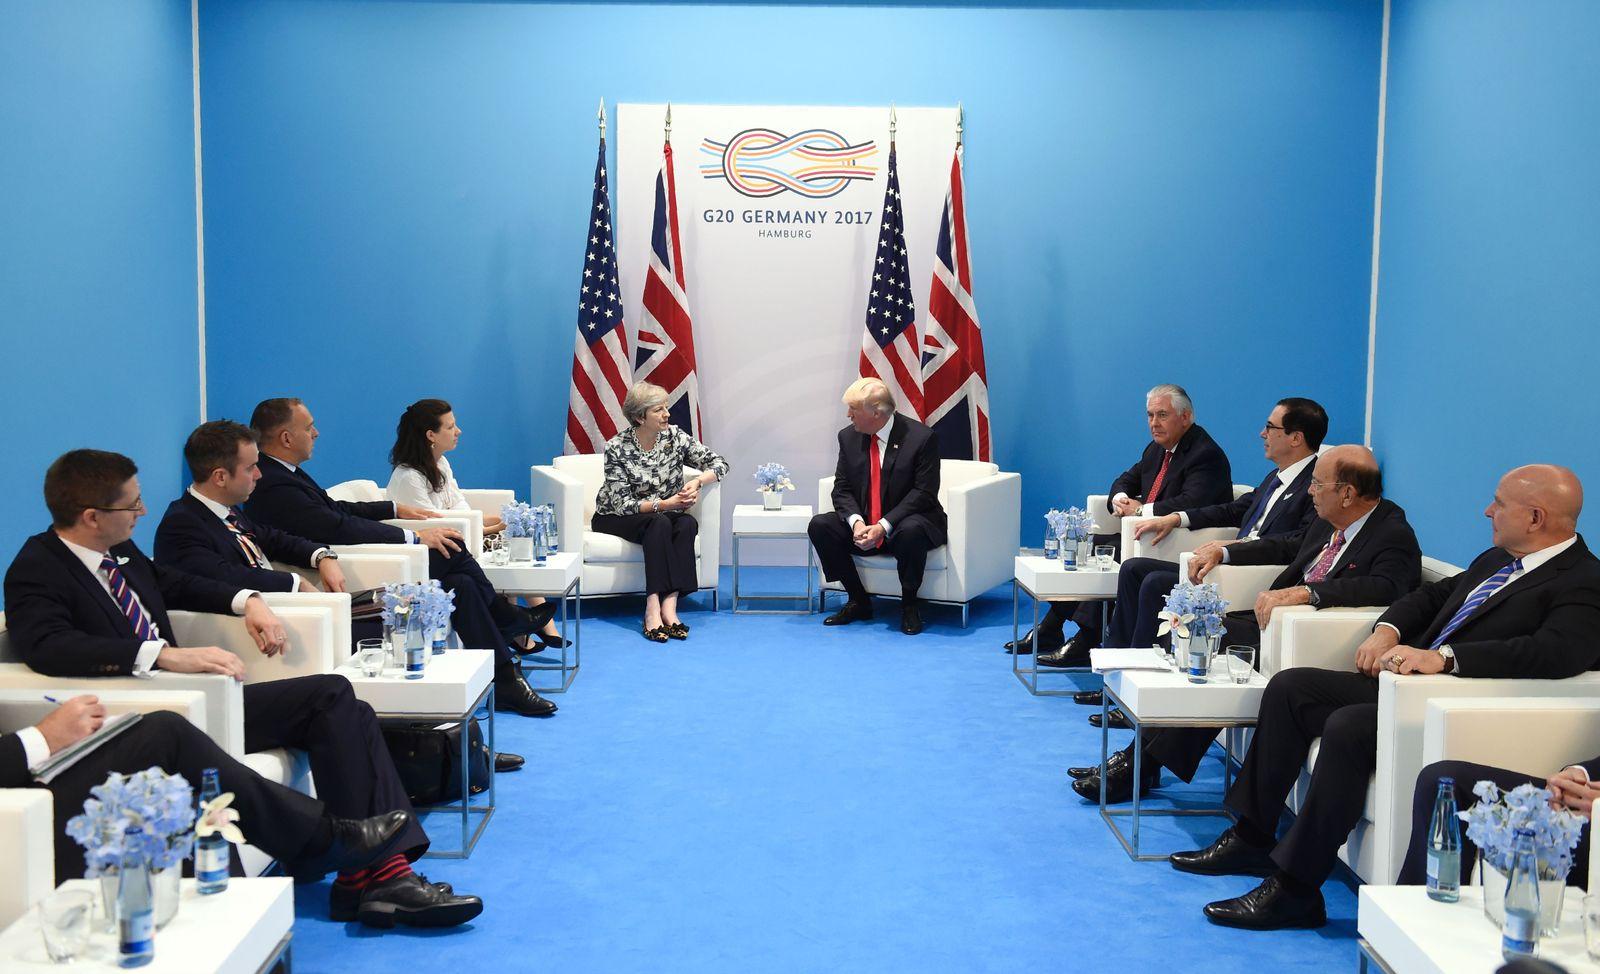 G20/ Hamburg/ 2017/ Trump / May